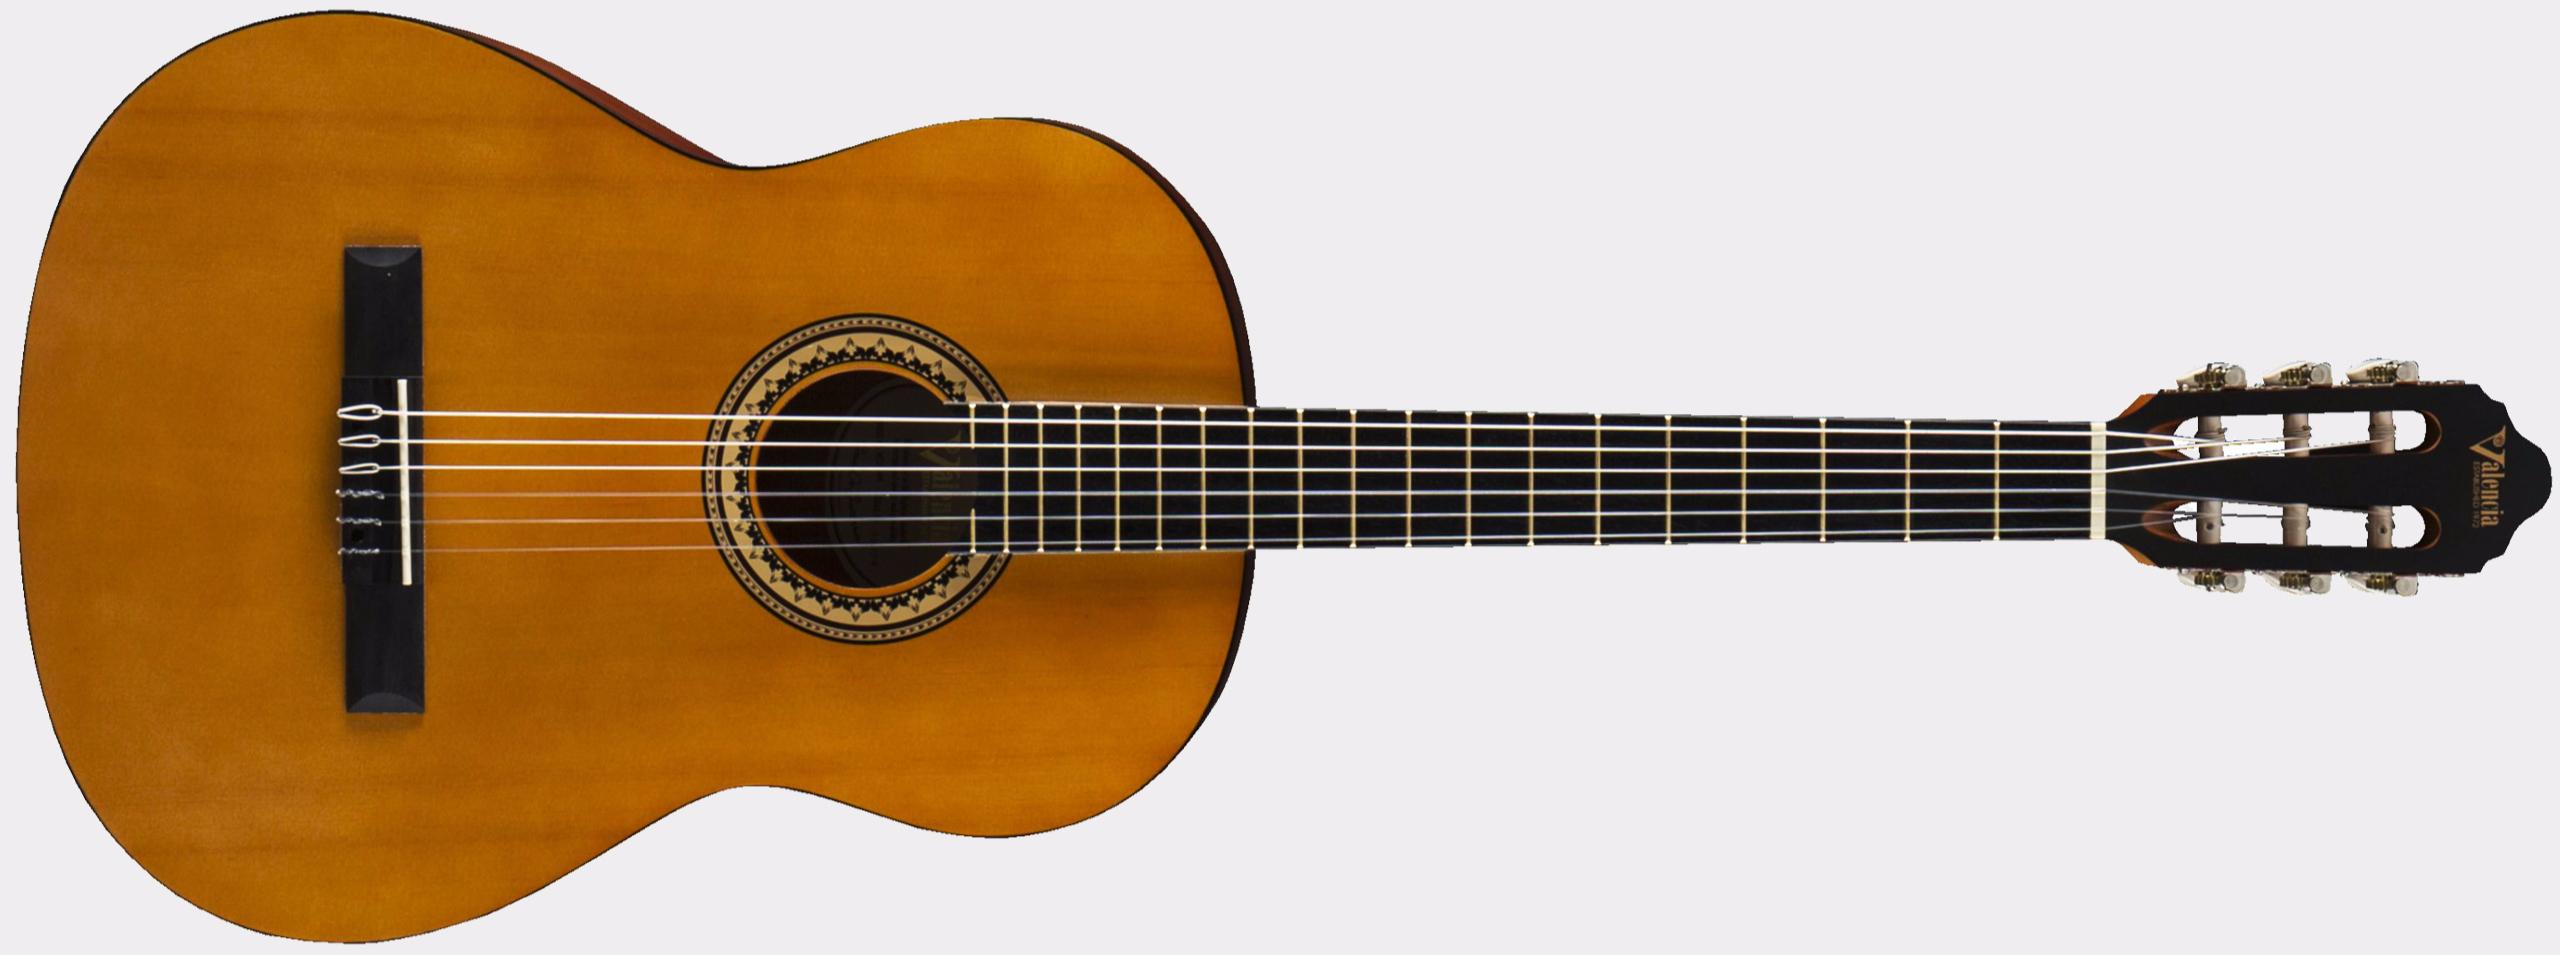 Valencia VC 202 Antique Natural 1//2 Konzertgitarre Fichte//Nato für Einsteiger